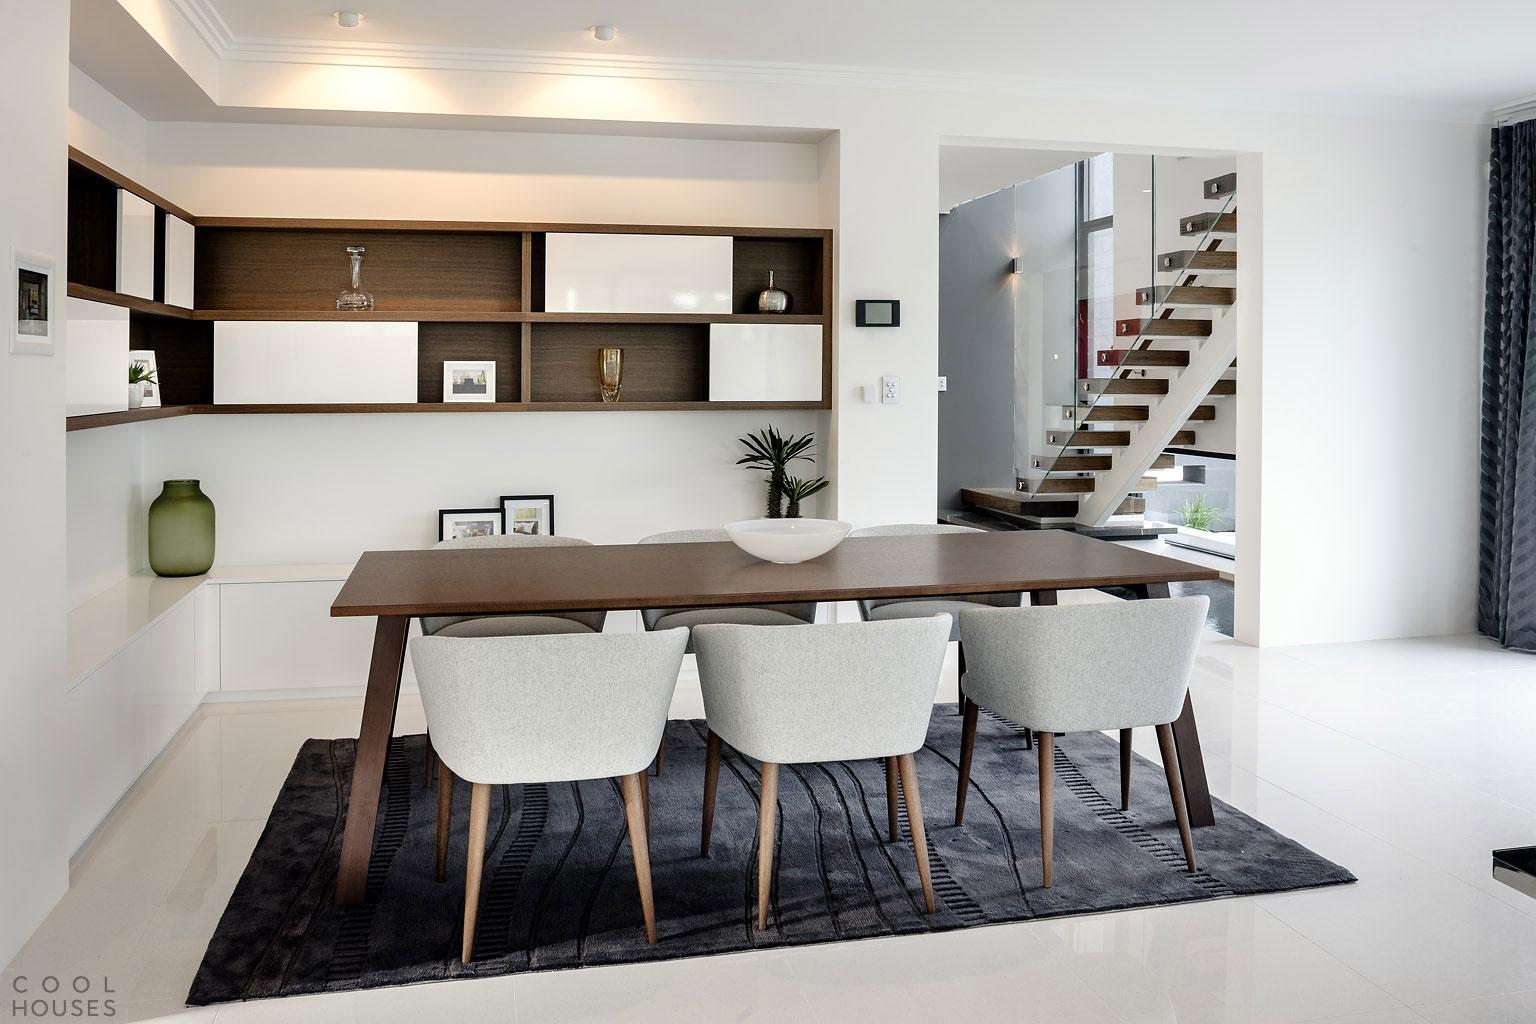 Загородный дом на продажу в Австралии от Webb & Brown-Neaves